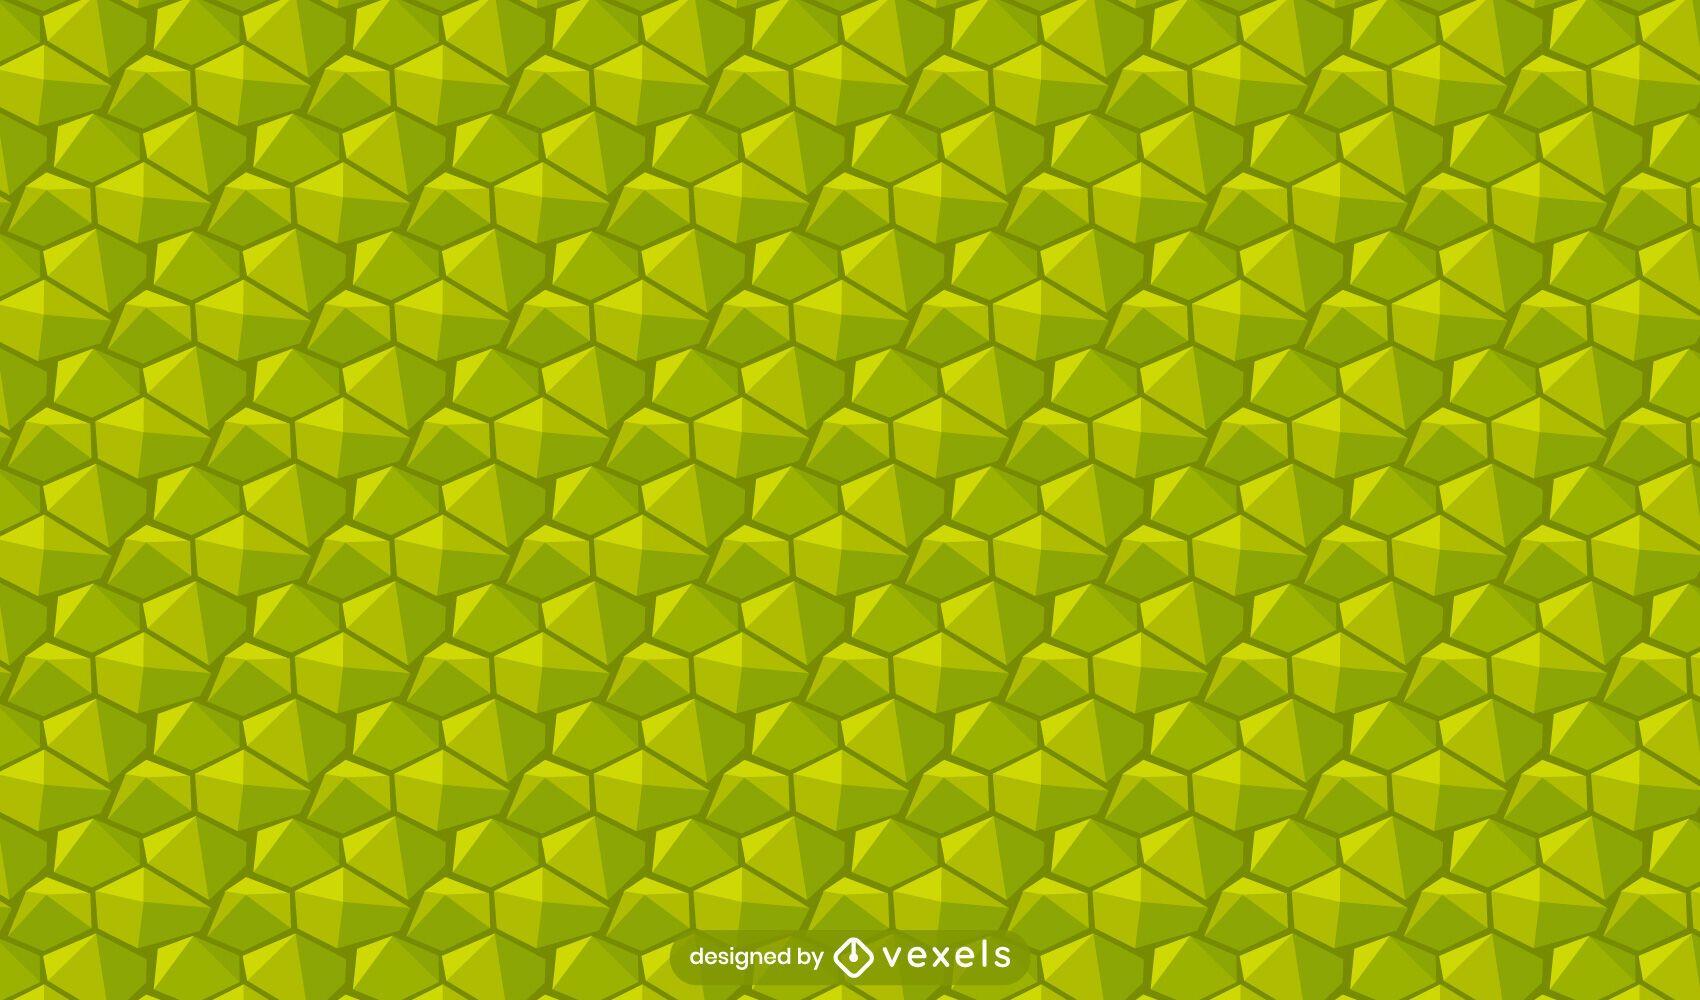 Diseño de patrón de comida de fruta durian